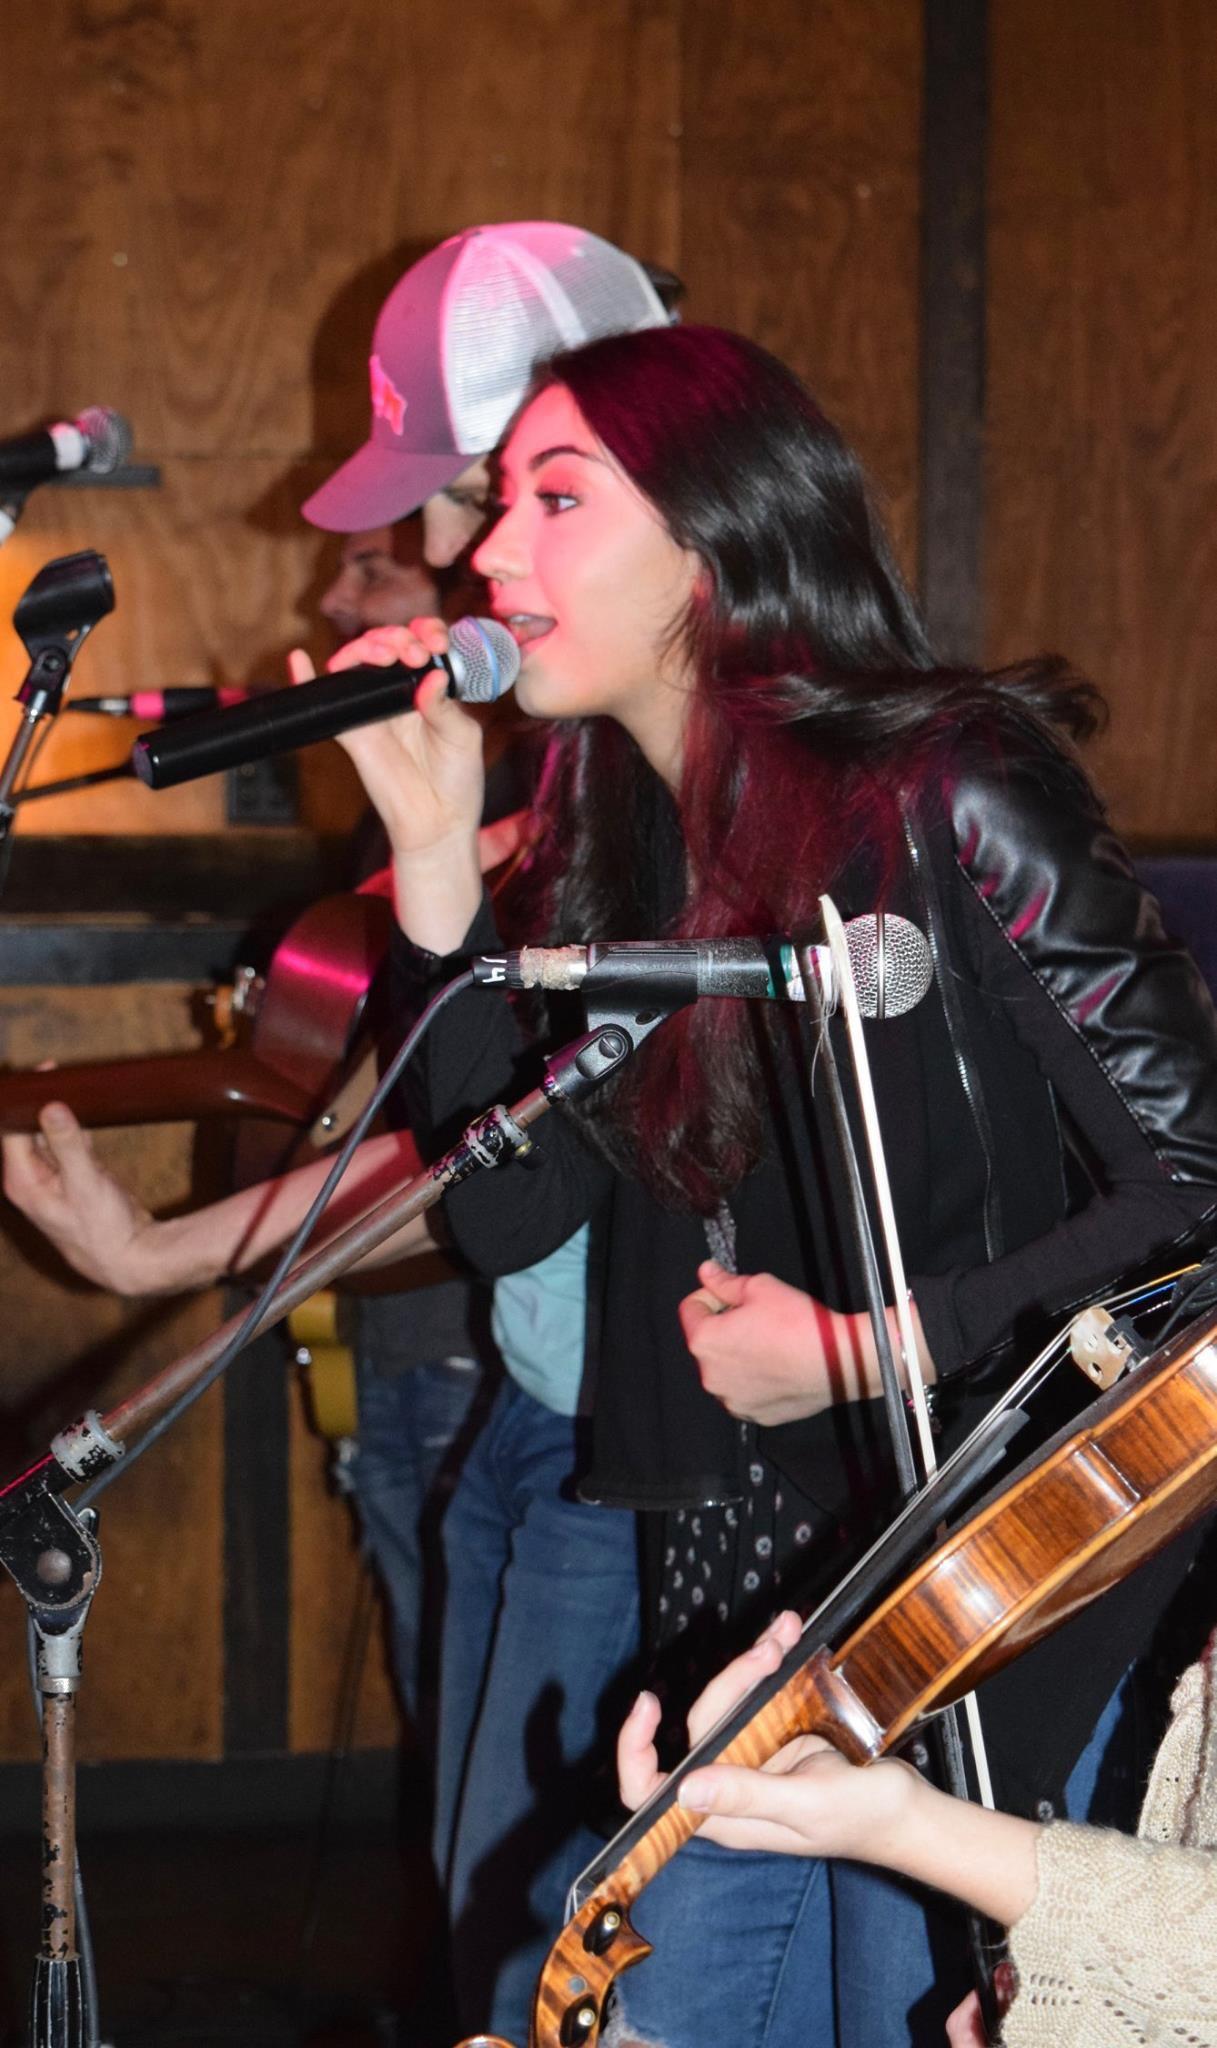 Brianna performing at Tootsies